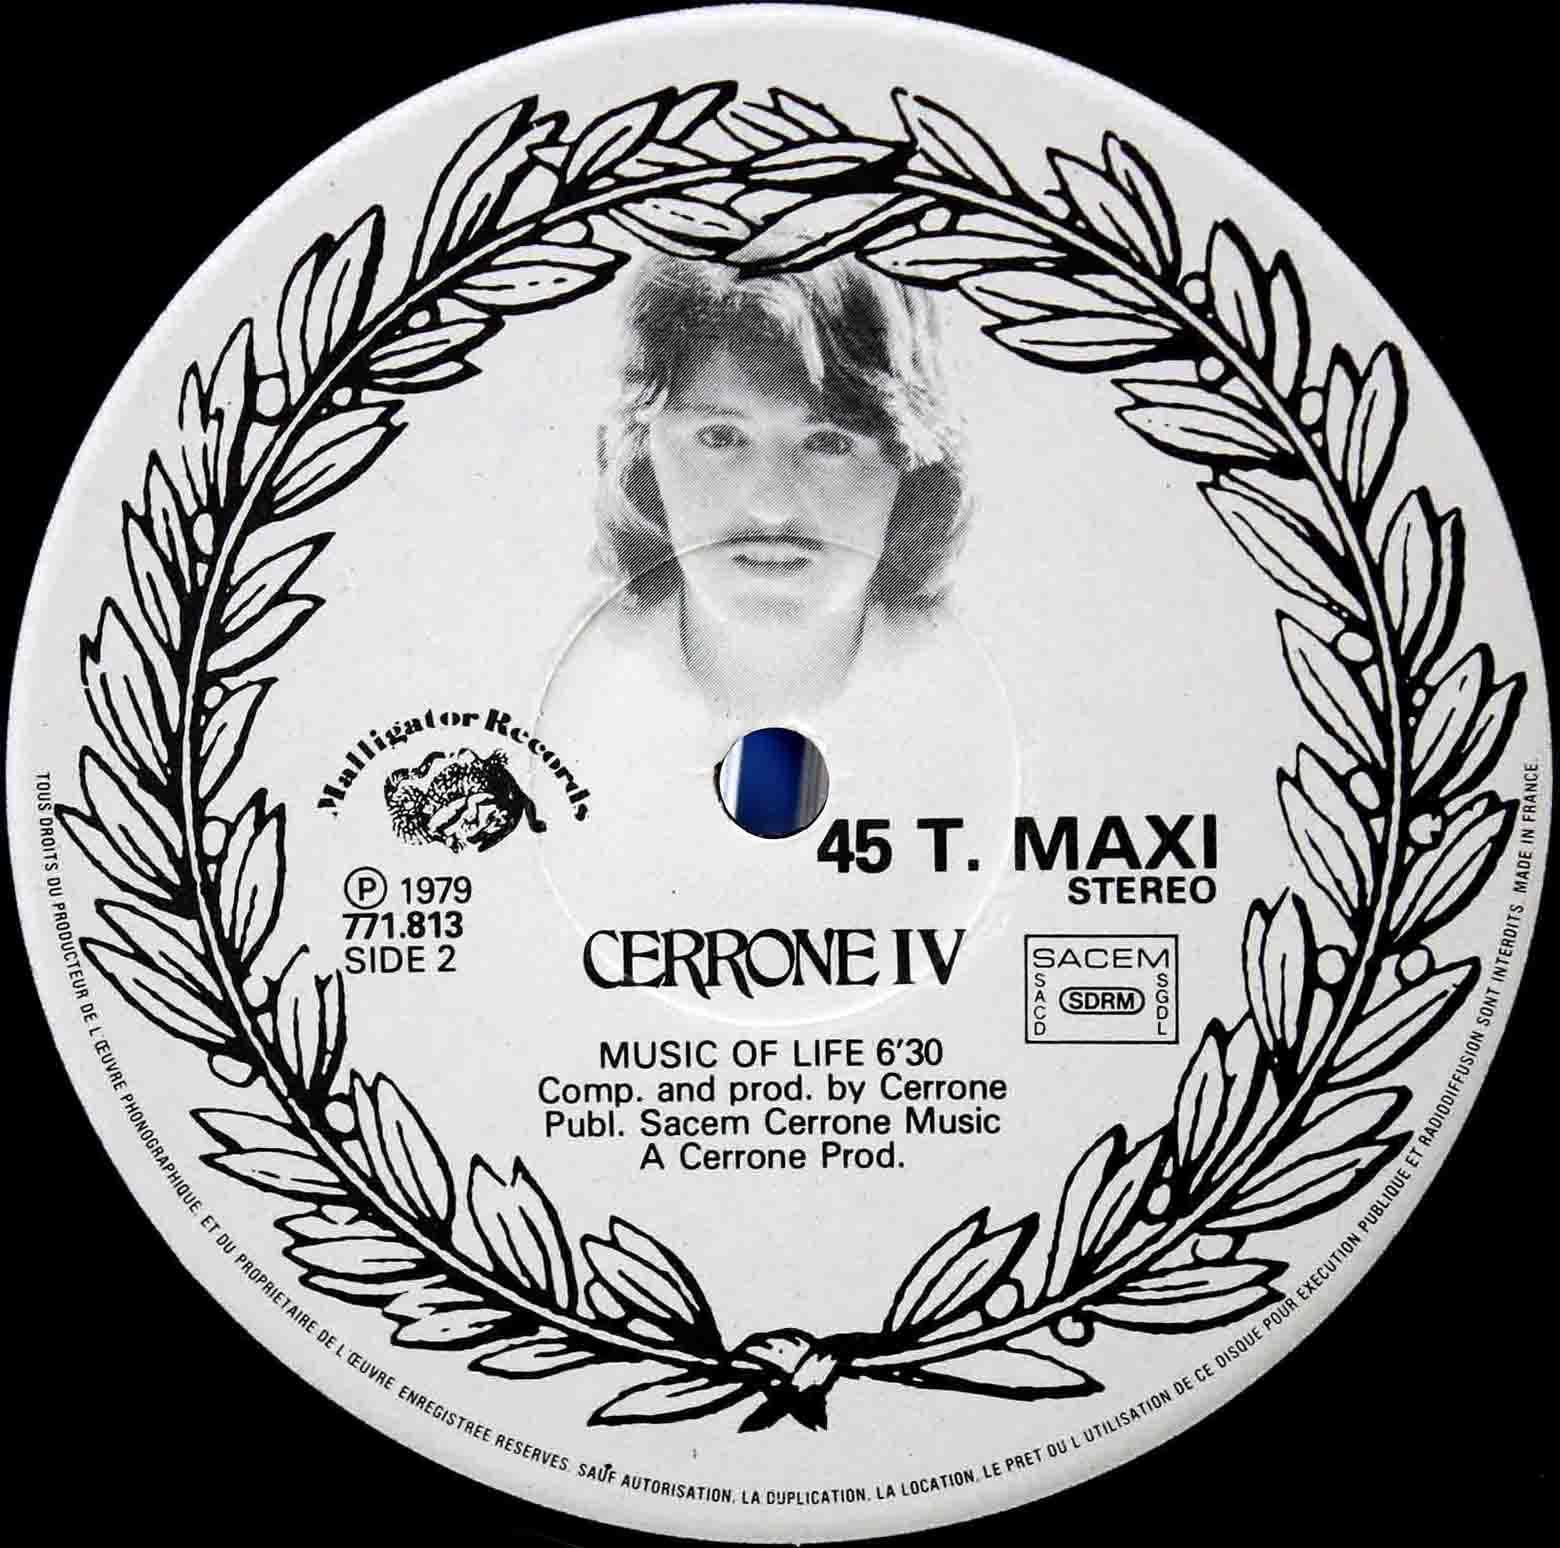 Cerrone Music Of Life 03